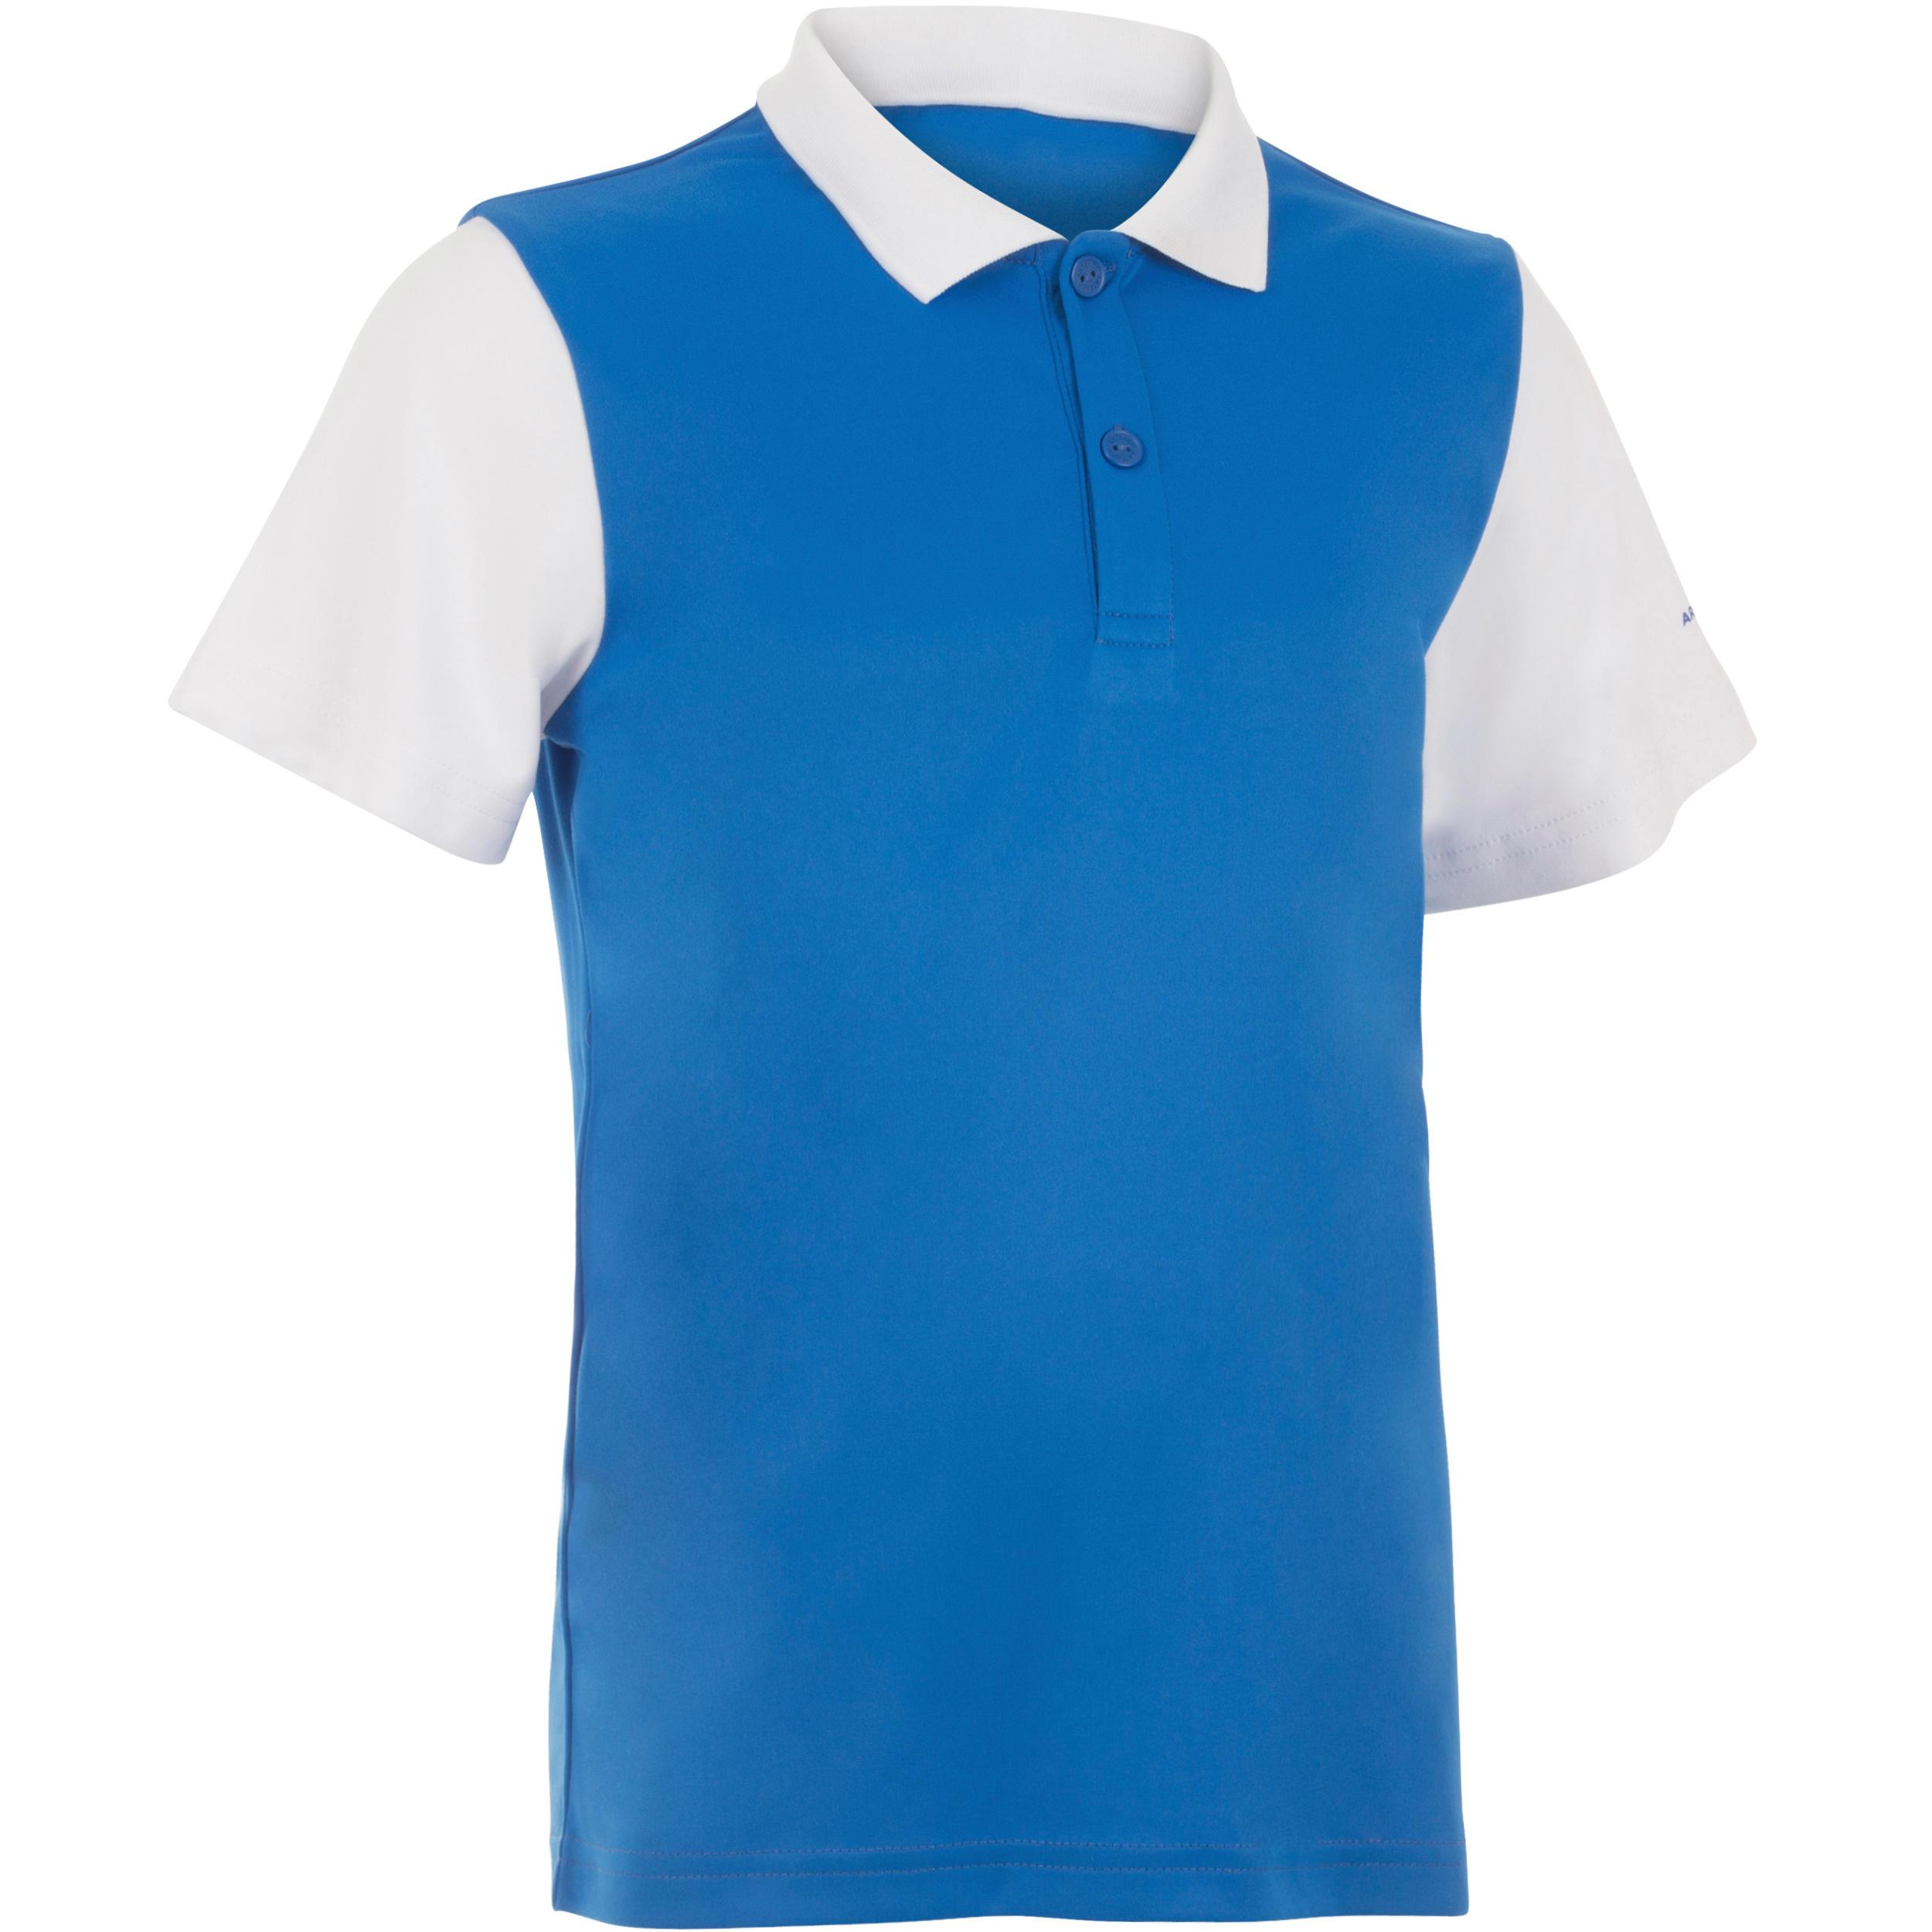 Artengo Jongenspolo Soft blauw/wit/blauw 500 tennis/badminton/tafeltennis/padel